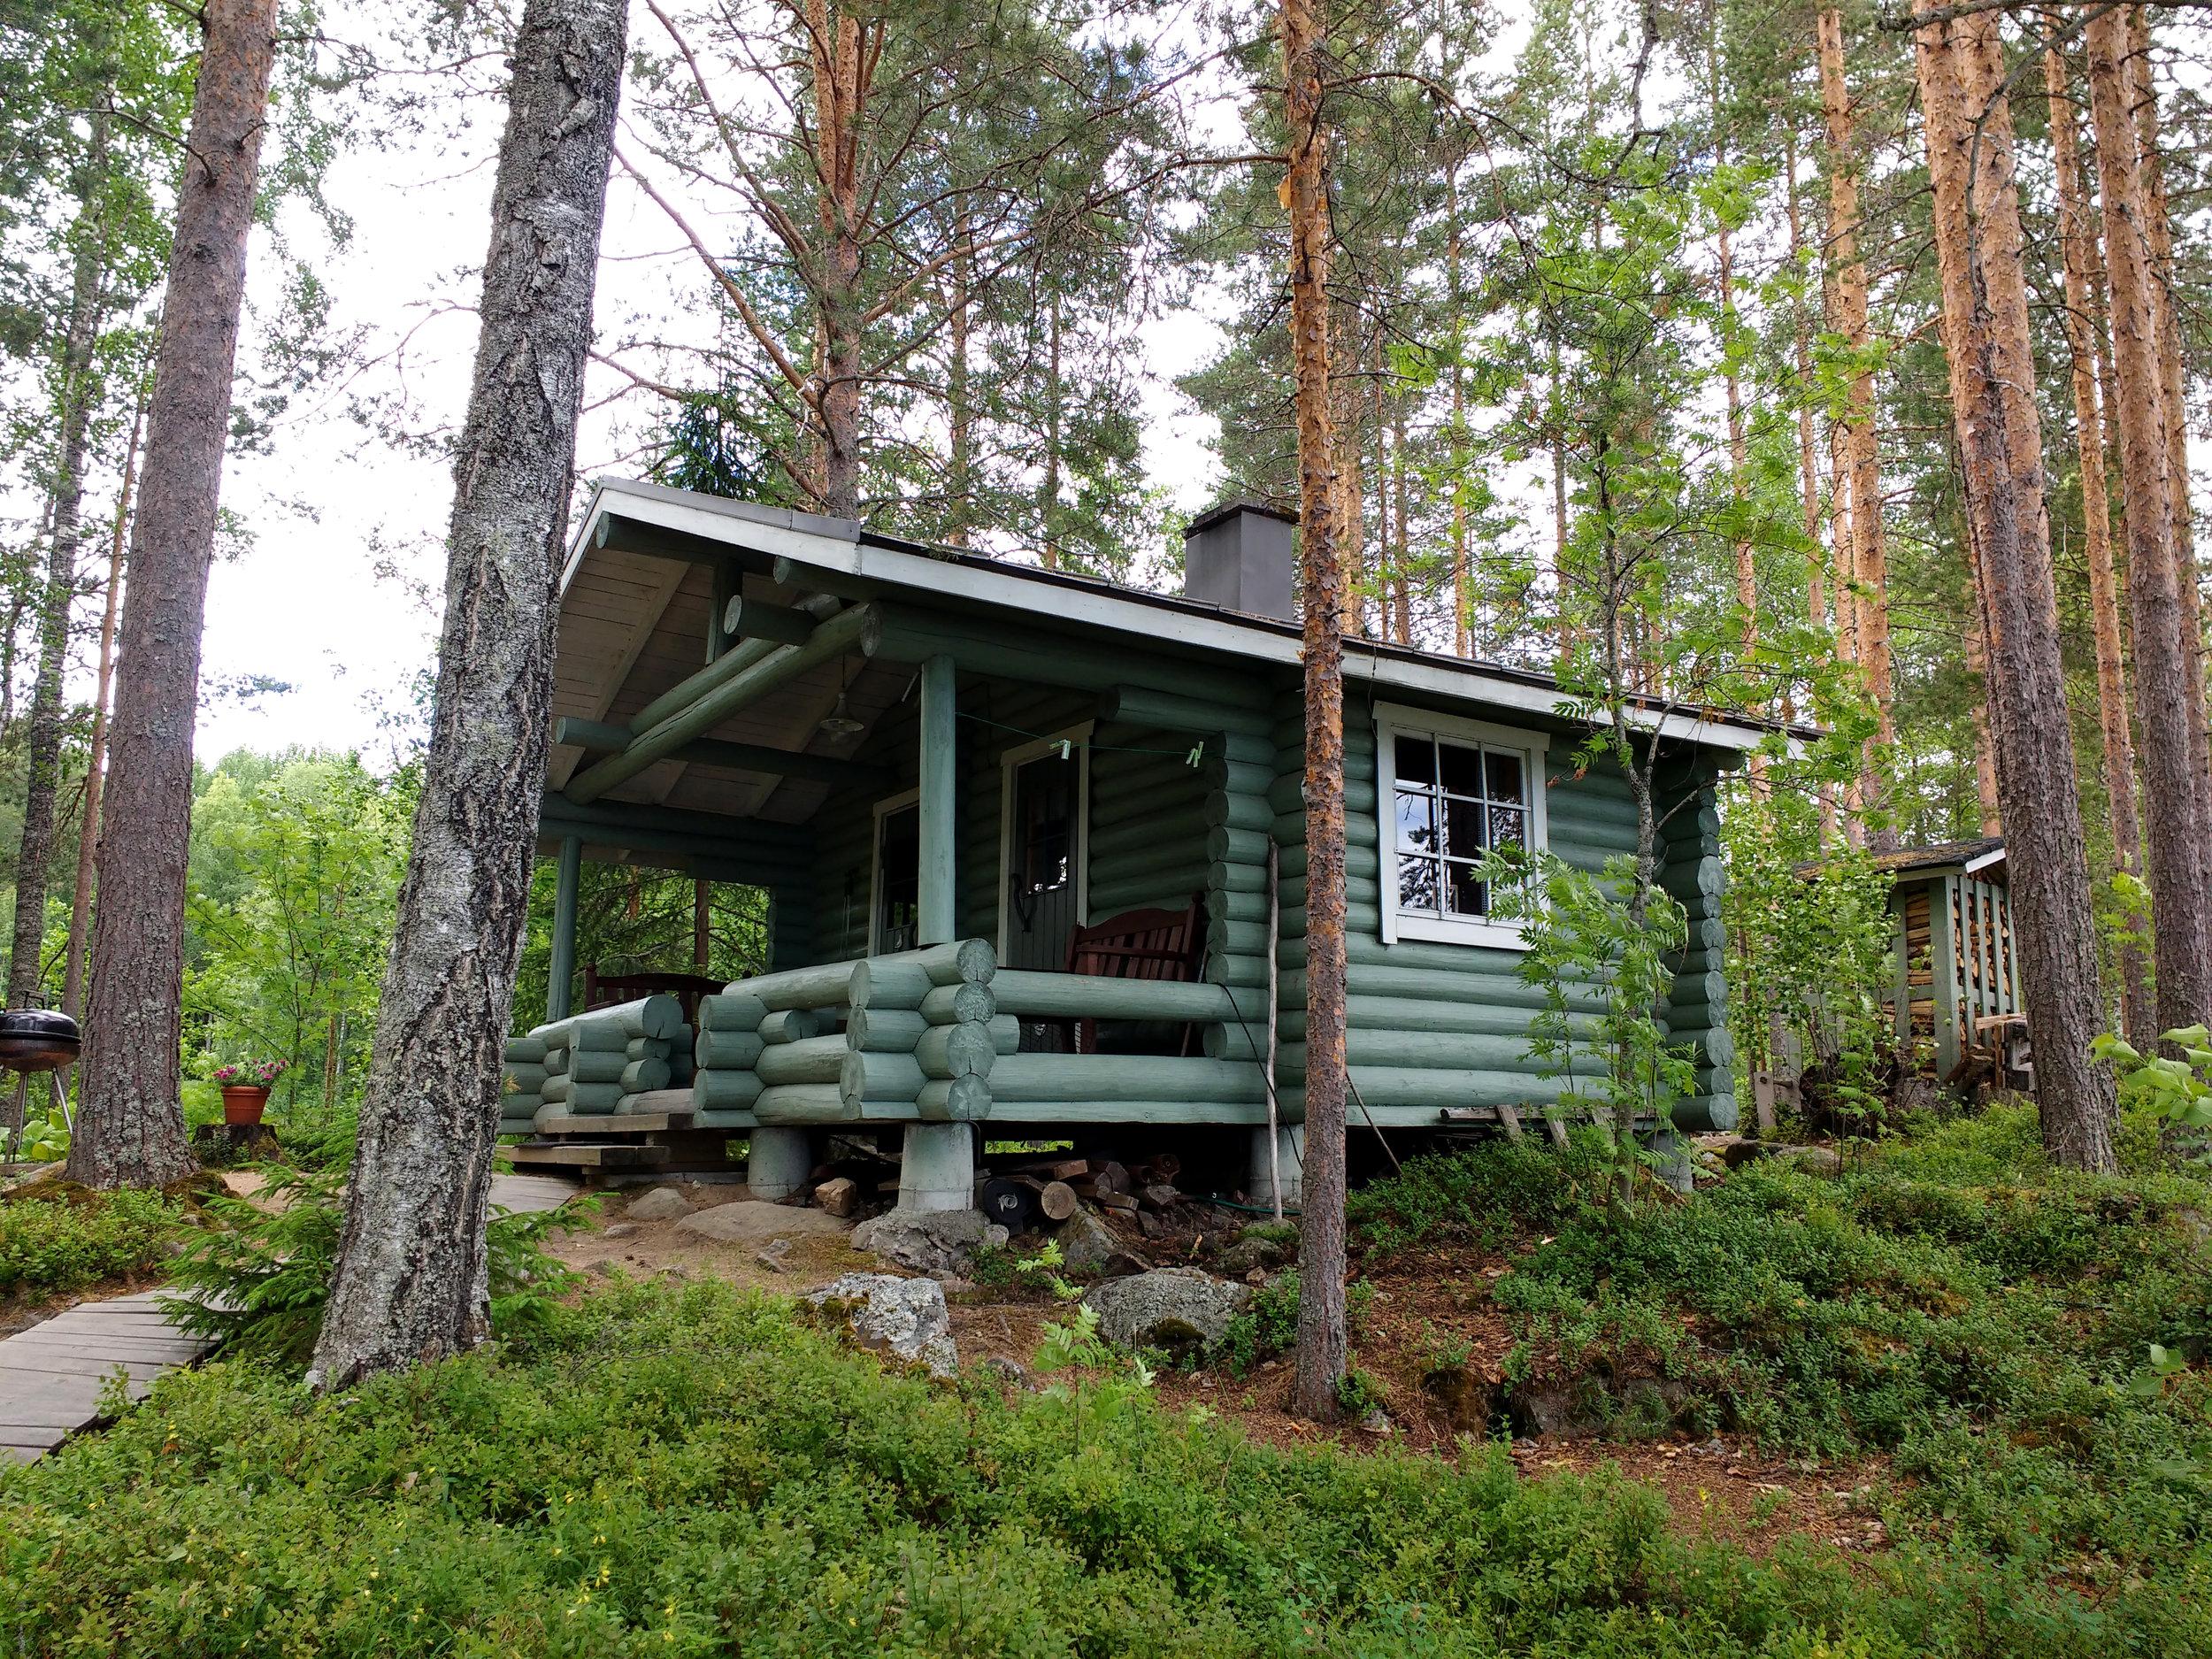 Pääskynpesä_saunarakennus.jpg